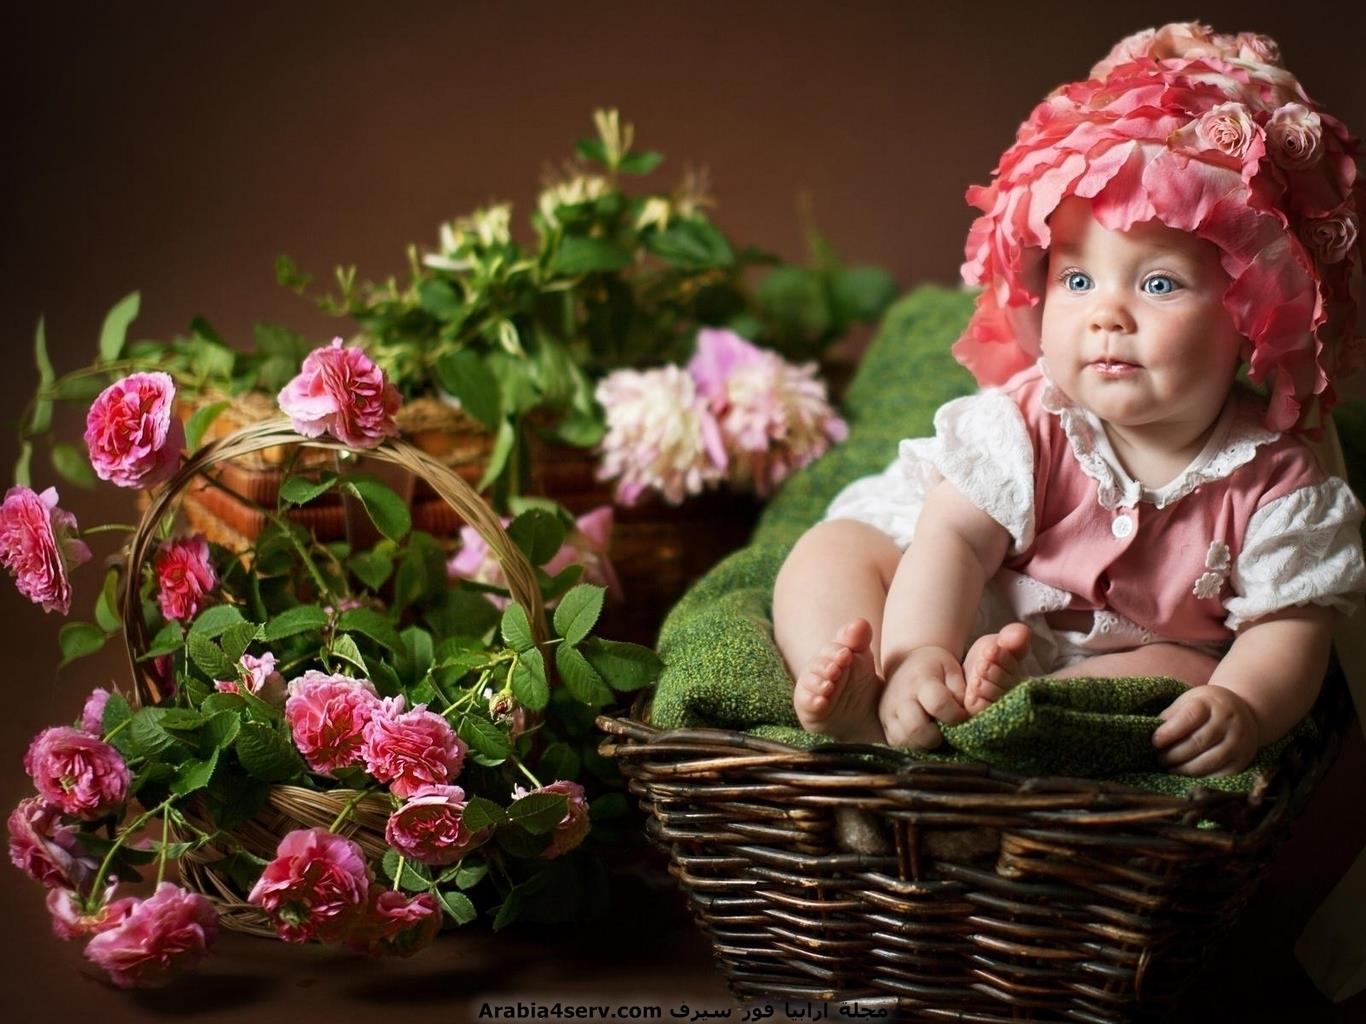 خلفيات-و-صور-اطفال-مع-الزهور-و-الورود-10